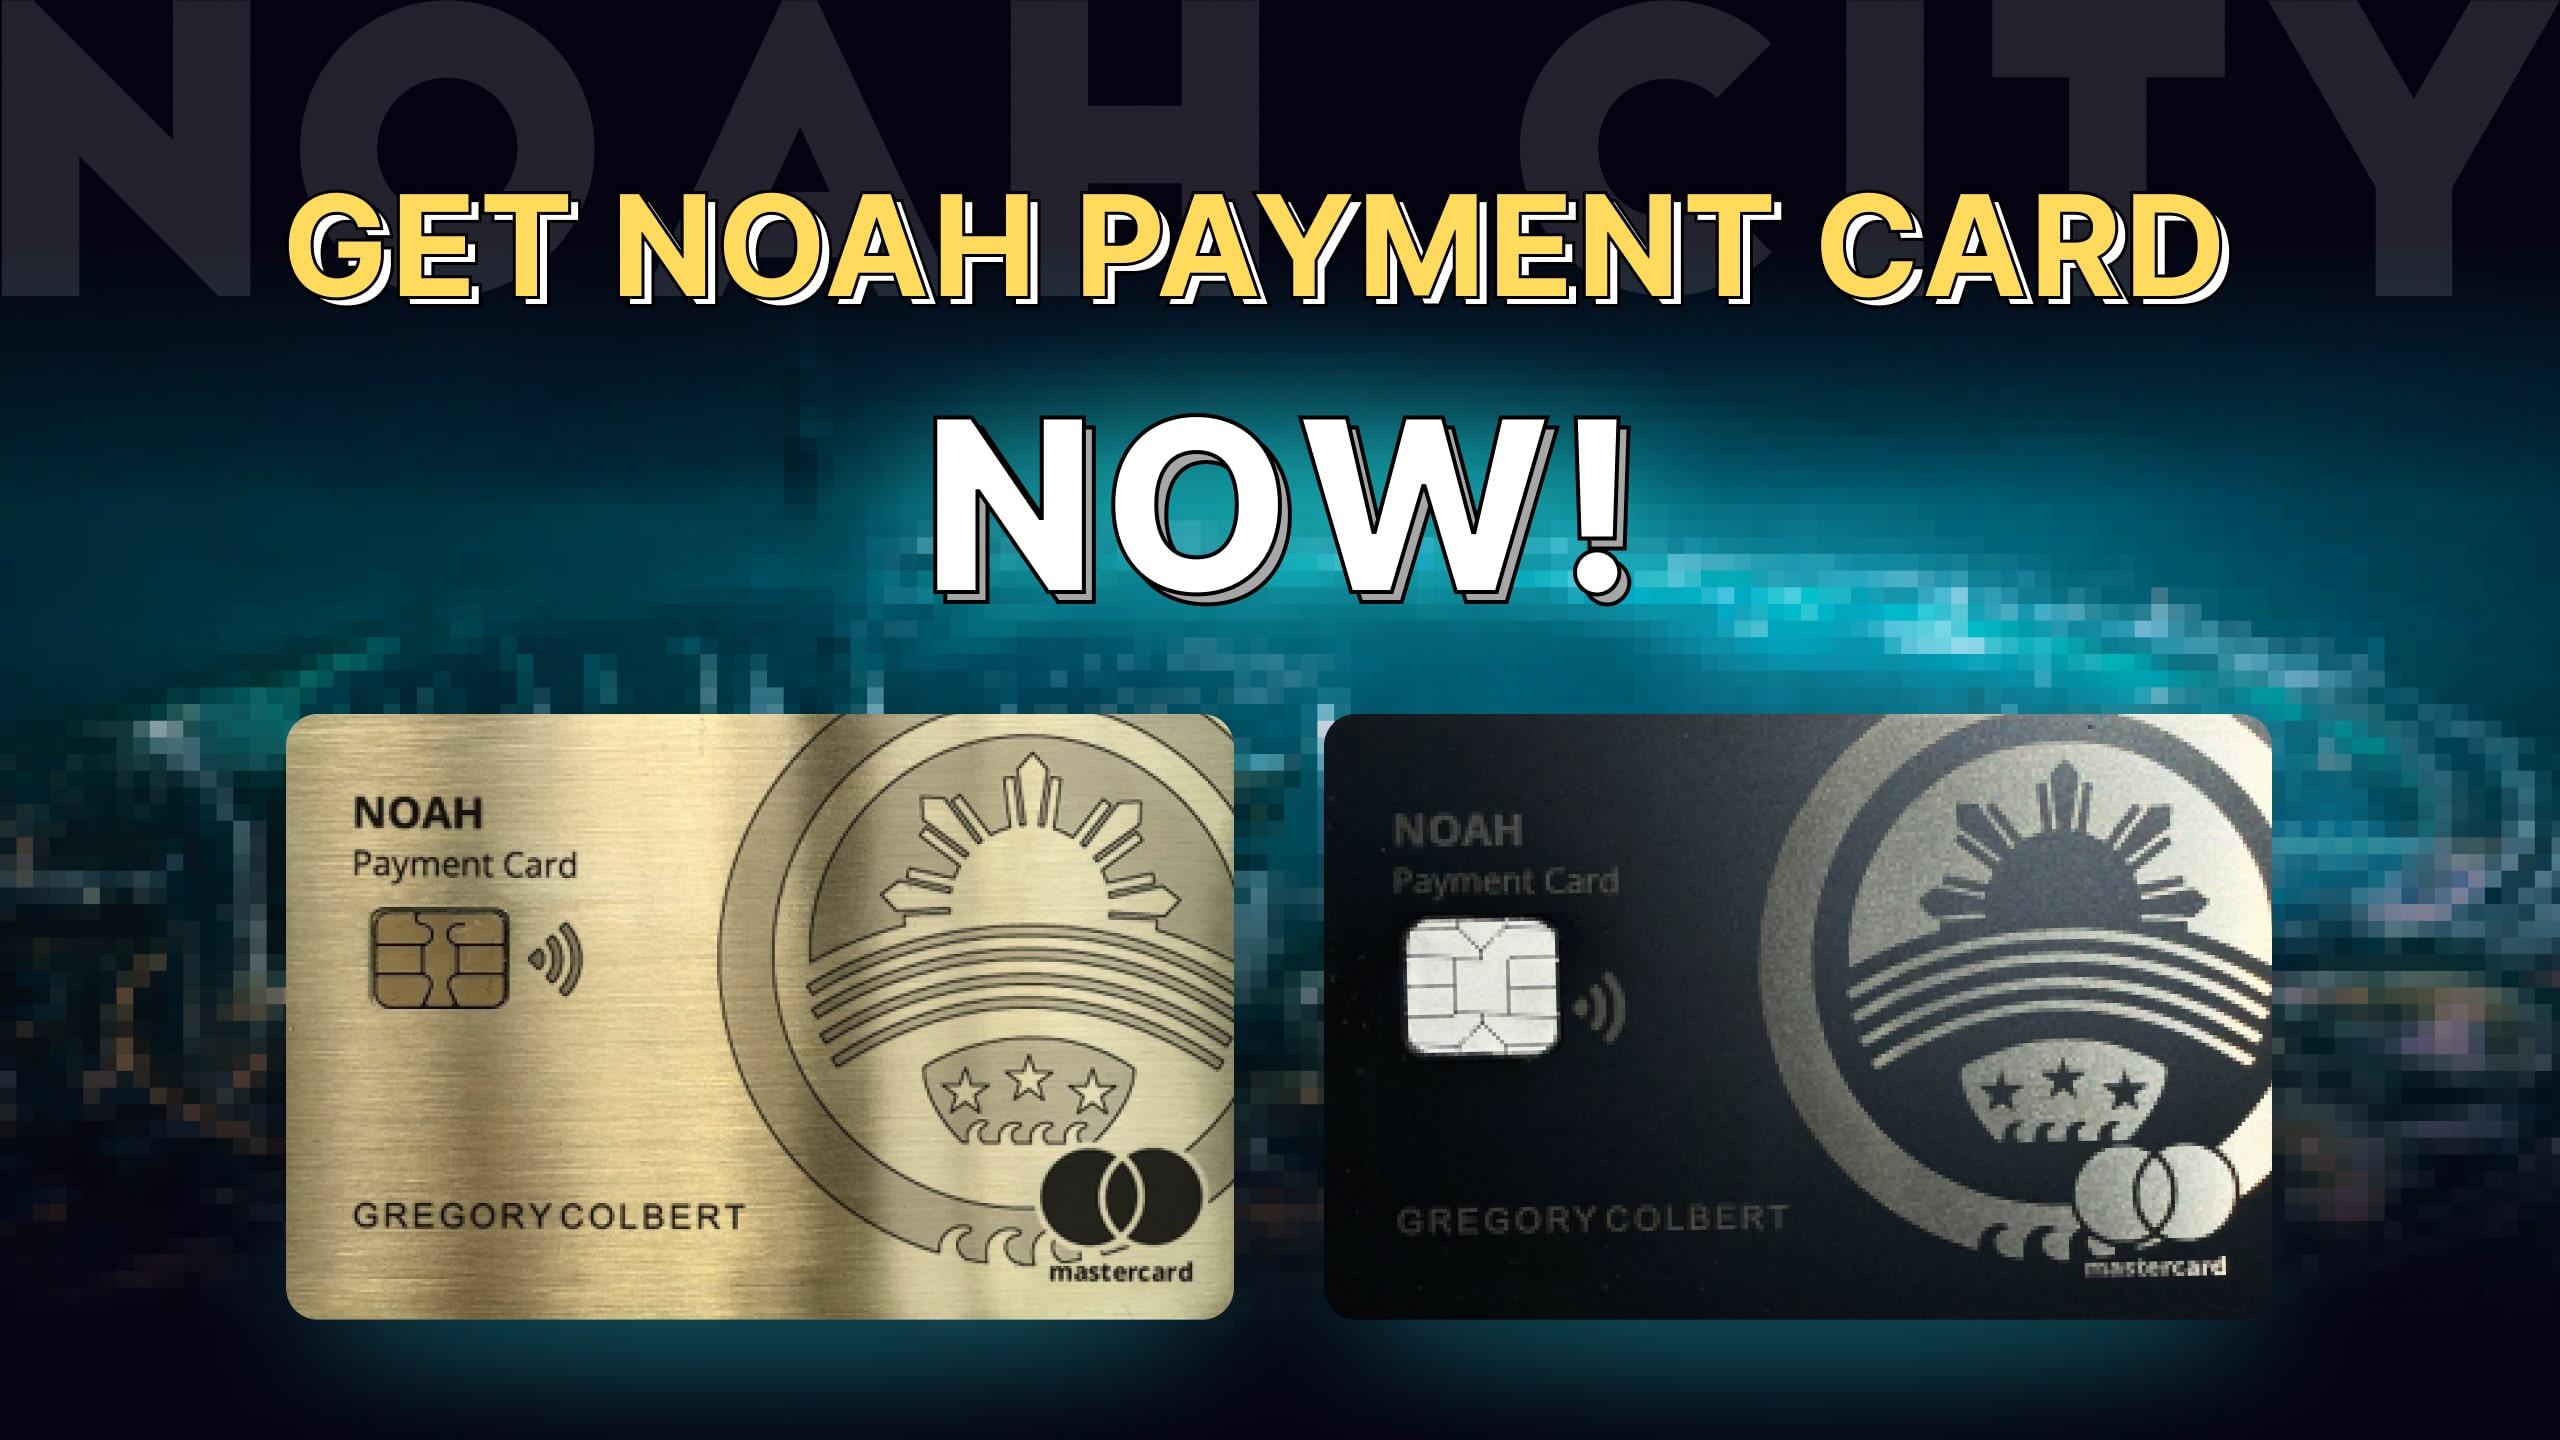 GET NOAH PAYMENT CARD NOW!